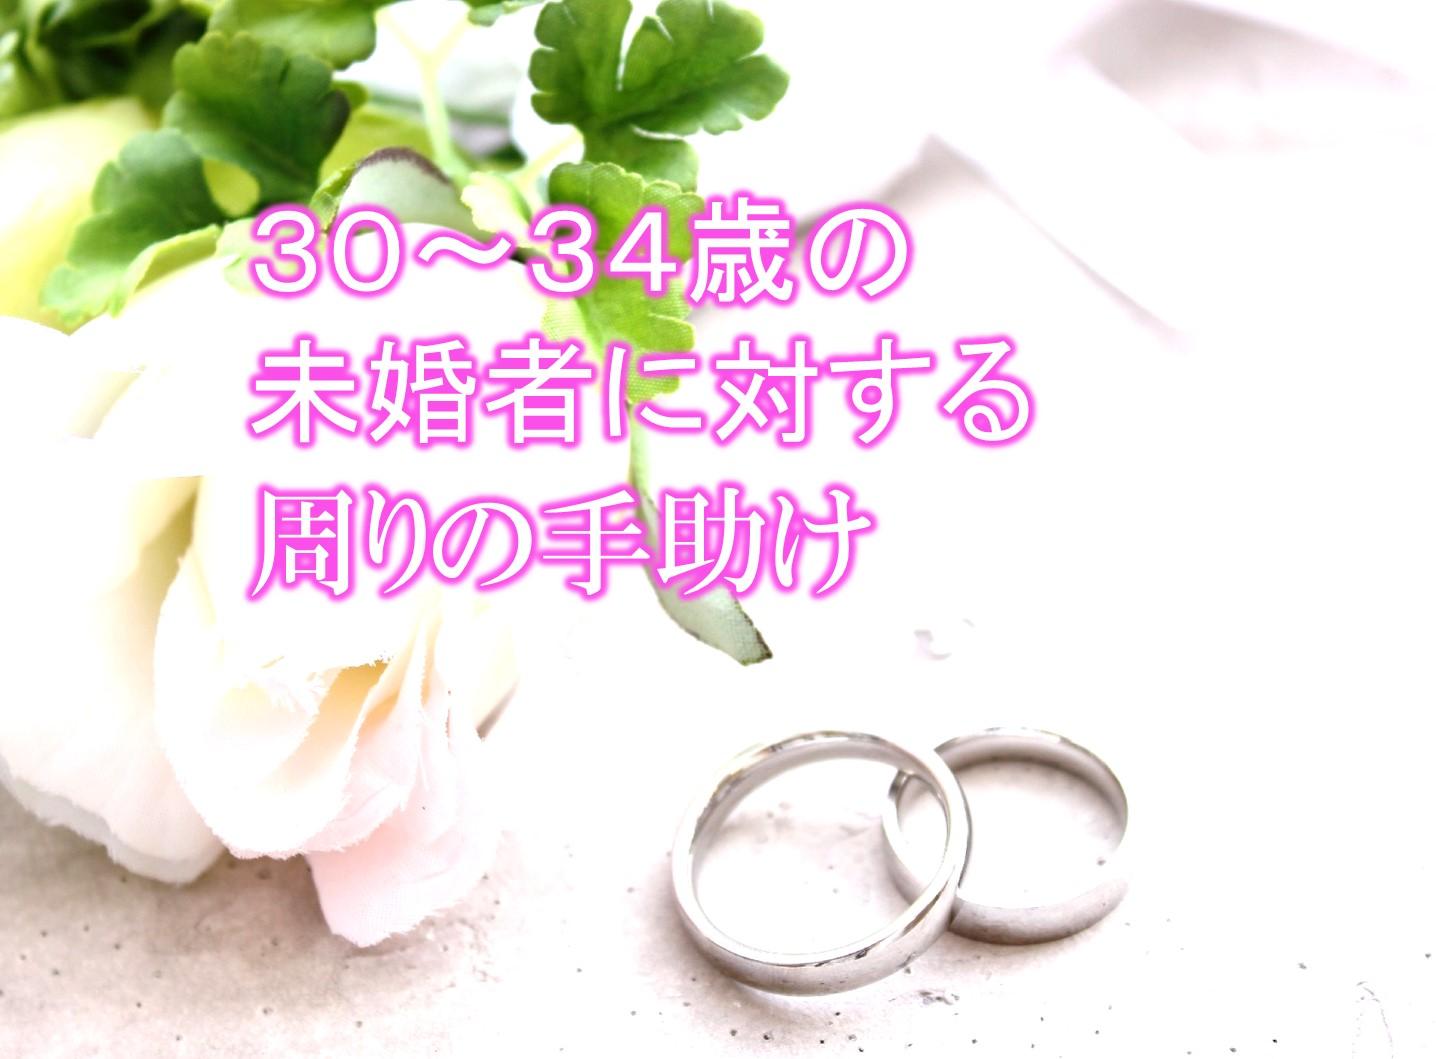 30〜34歳の未婚者に対する周りの手助け